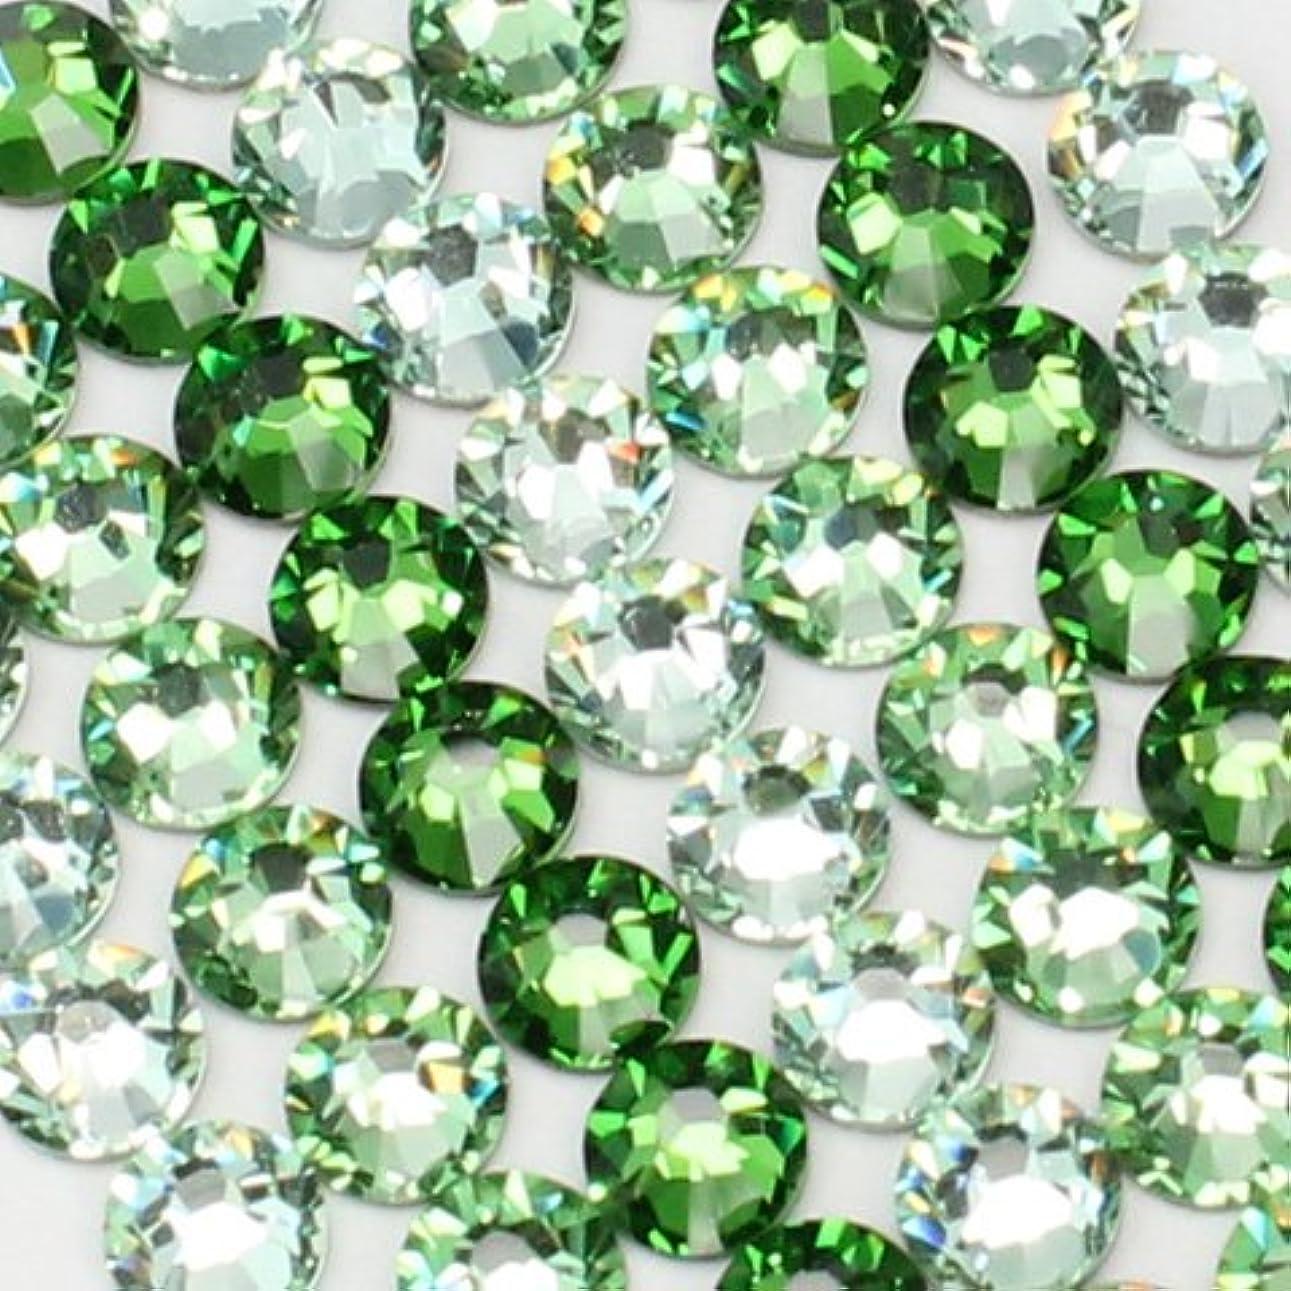 変装した破裂ソーダ水お試しアートMIX[グリーン]クリソライト、ペリドット、ファーングリーン/スワロフスキー(Swarovski)/ラインストーン ss12(各30粒)